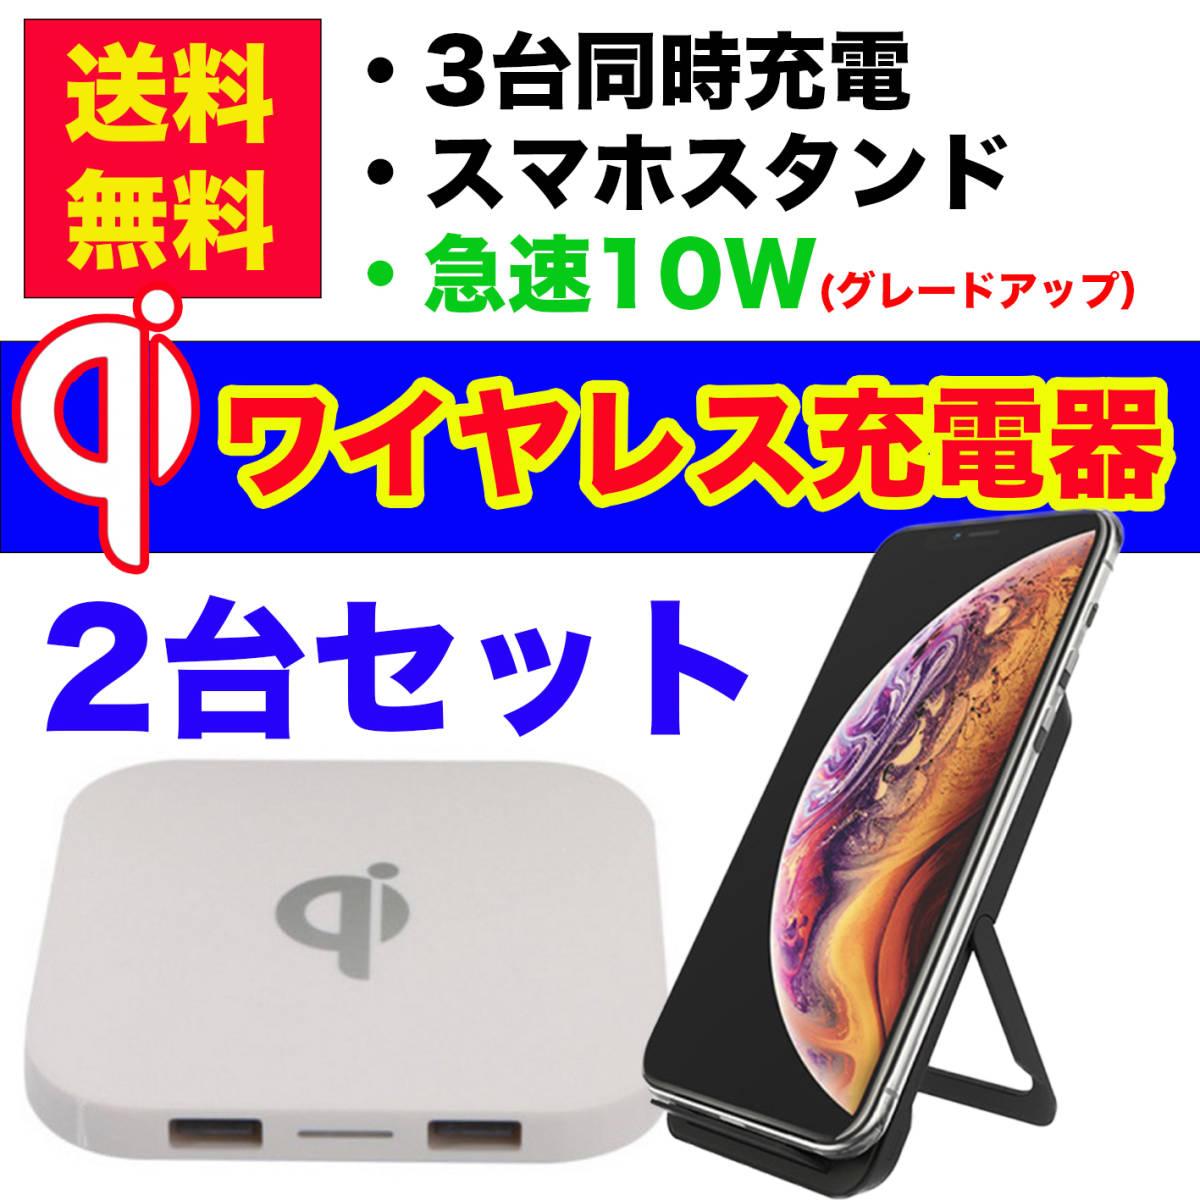 2台セット ワイヤレス充電器 卓上【急速10Wグレードアップ】 折畳み スタンド&おくだけパッド USB出力2口 3台同時充電 [黒&白] _画像1